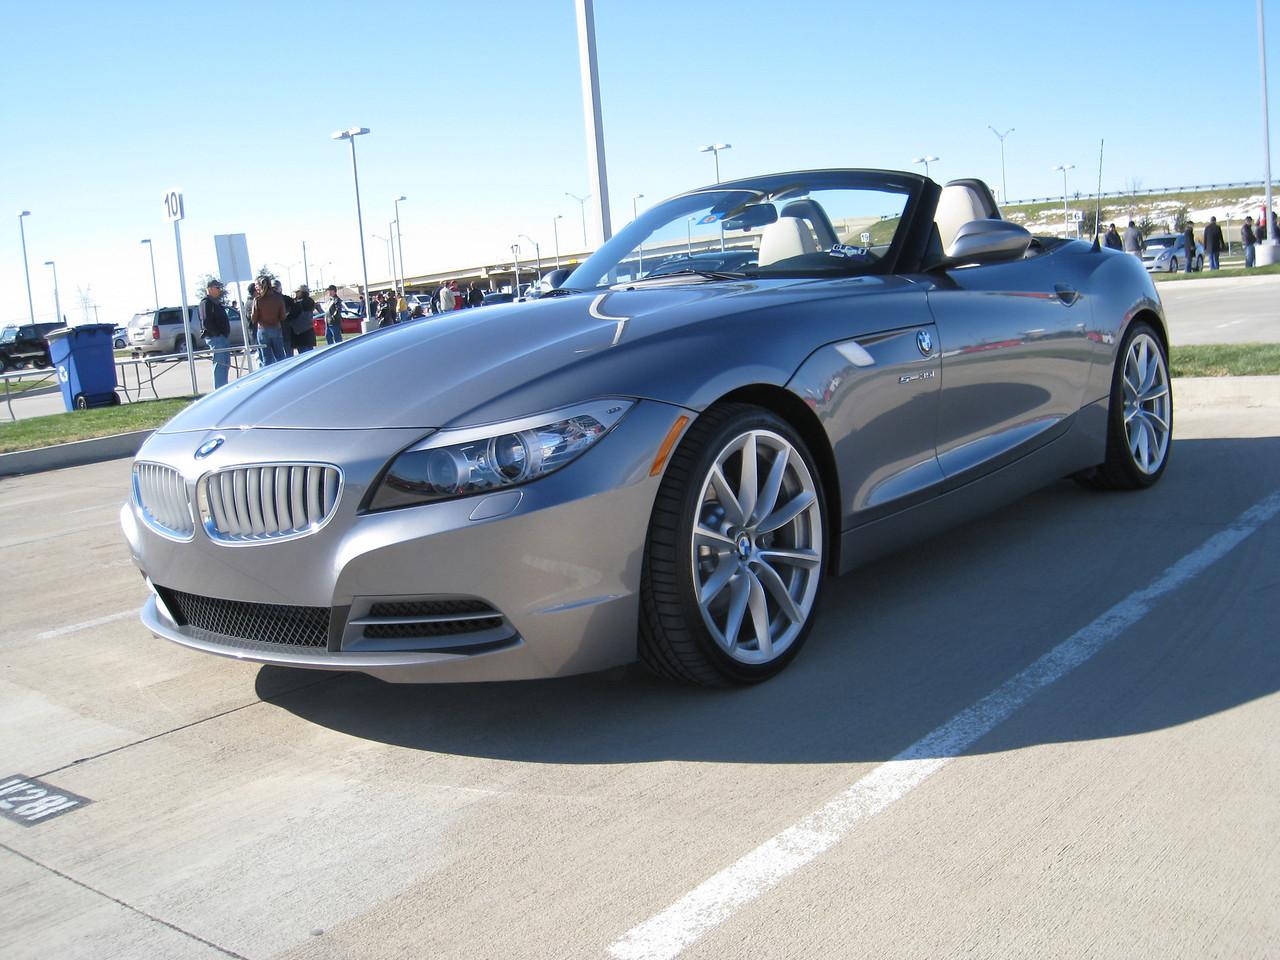 2009 BMW Z4 - purty